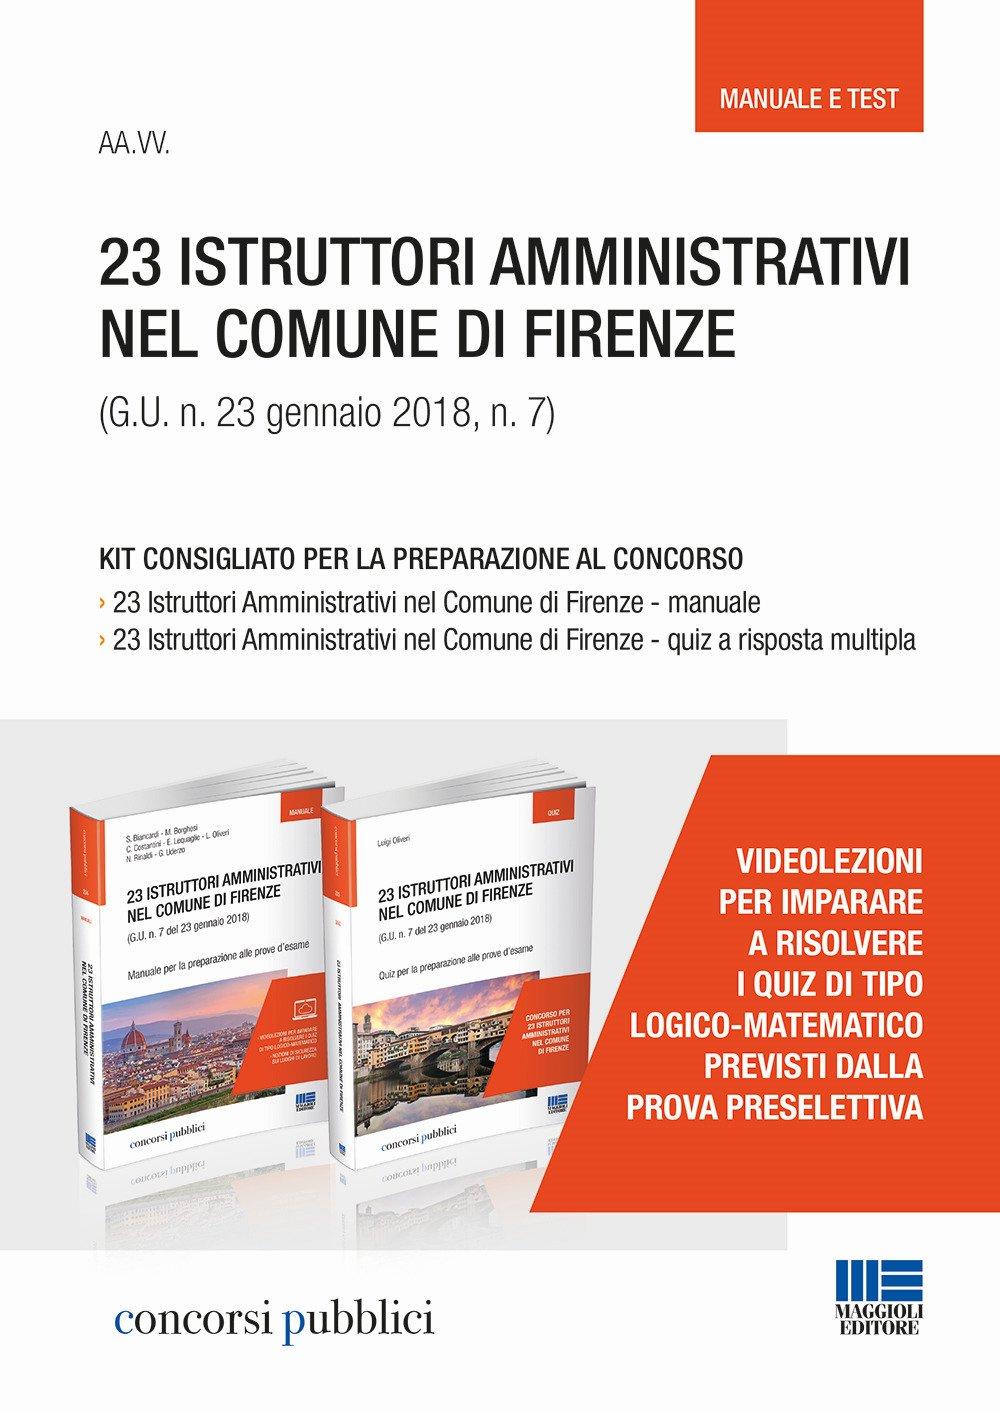 23 istruttori amministrativi nel Comune di Firenze (G.U. n. 23 gennaio 2018, n. 7). Kit consigliato per la preparazione al concorso